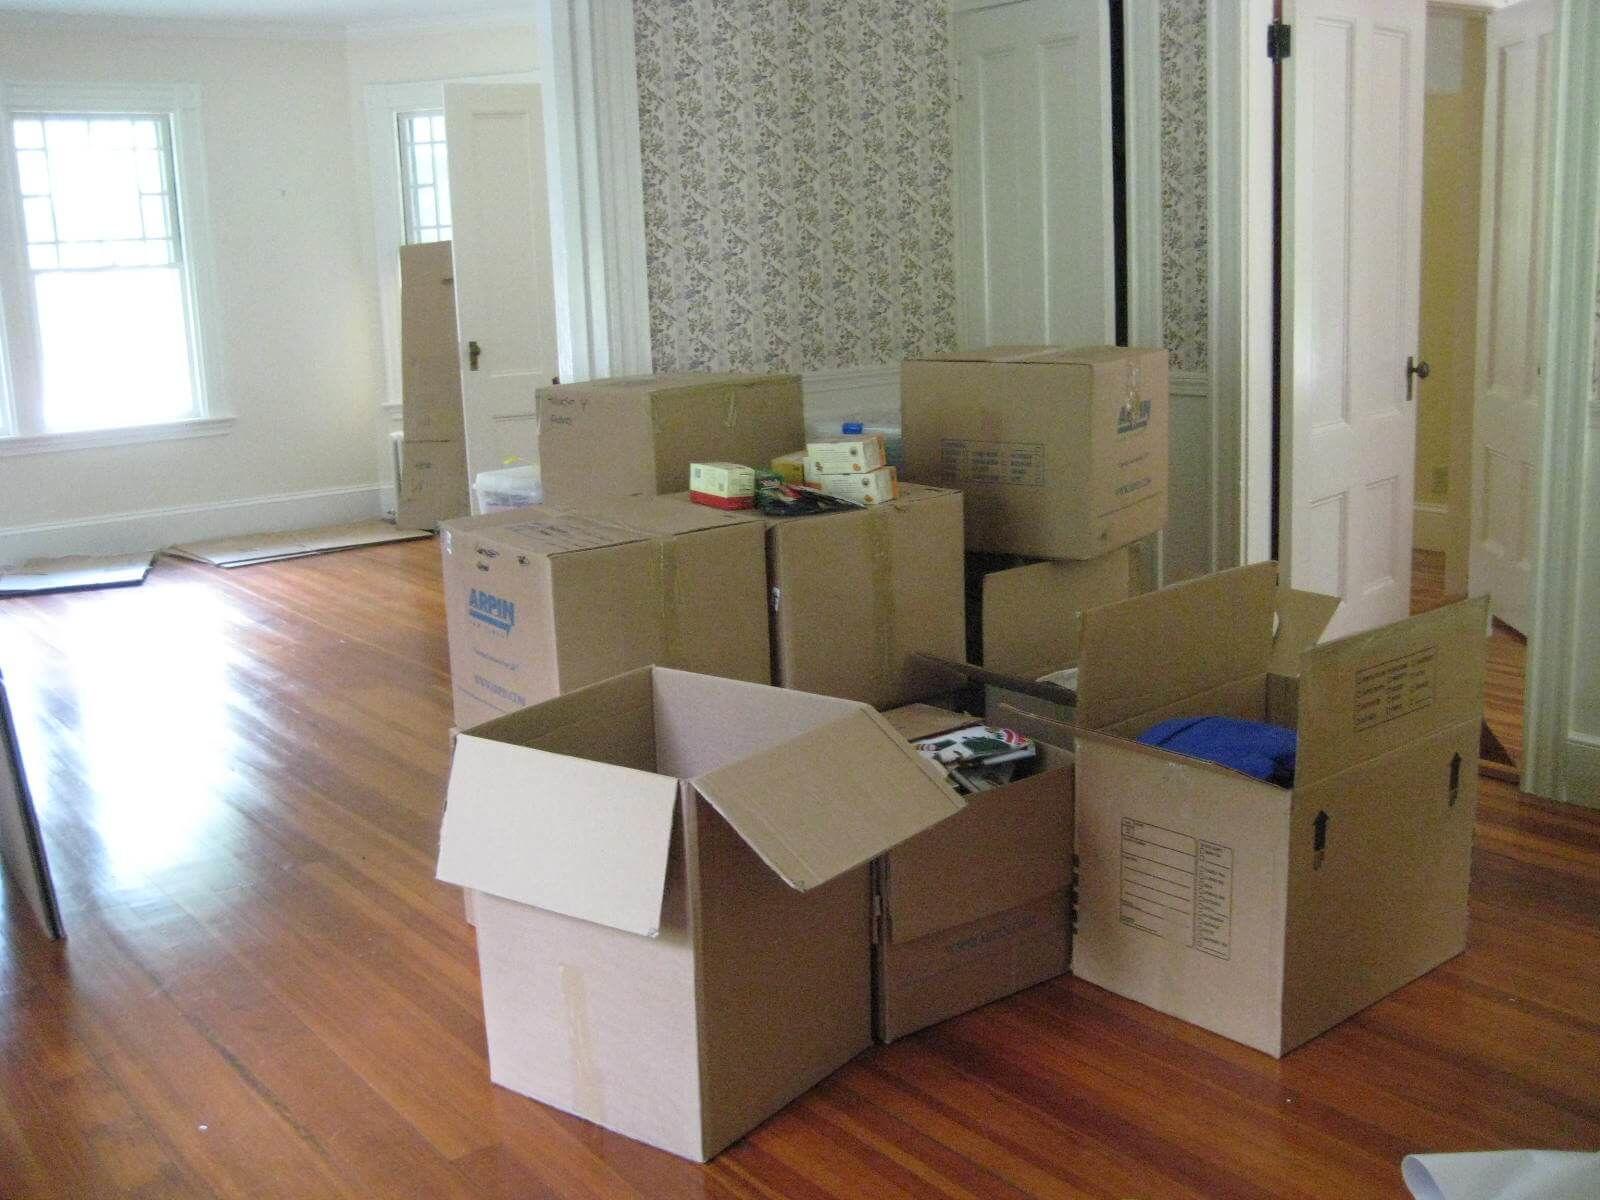 כמה עולה הובלה של דירה